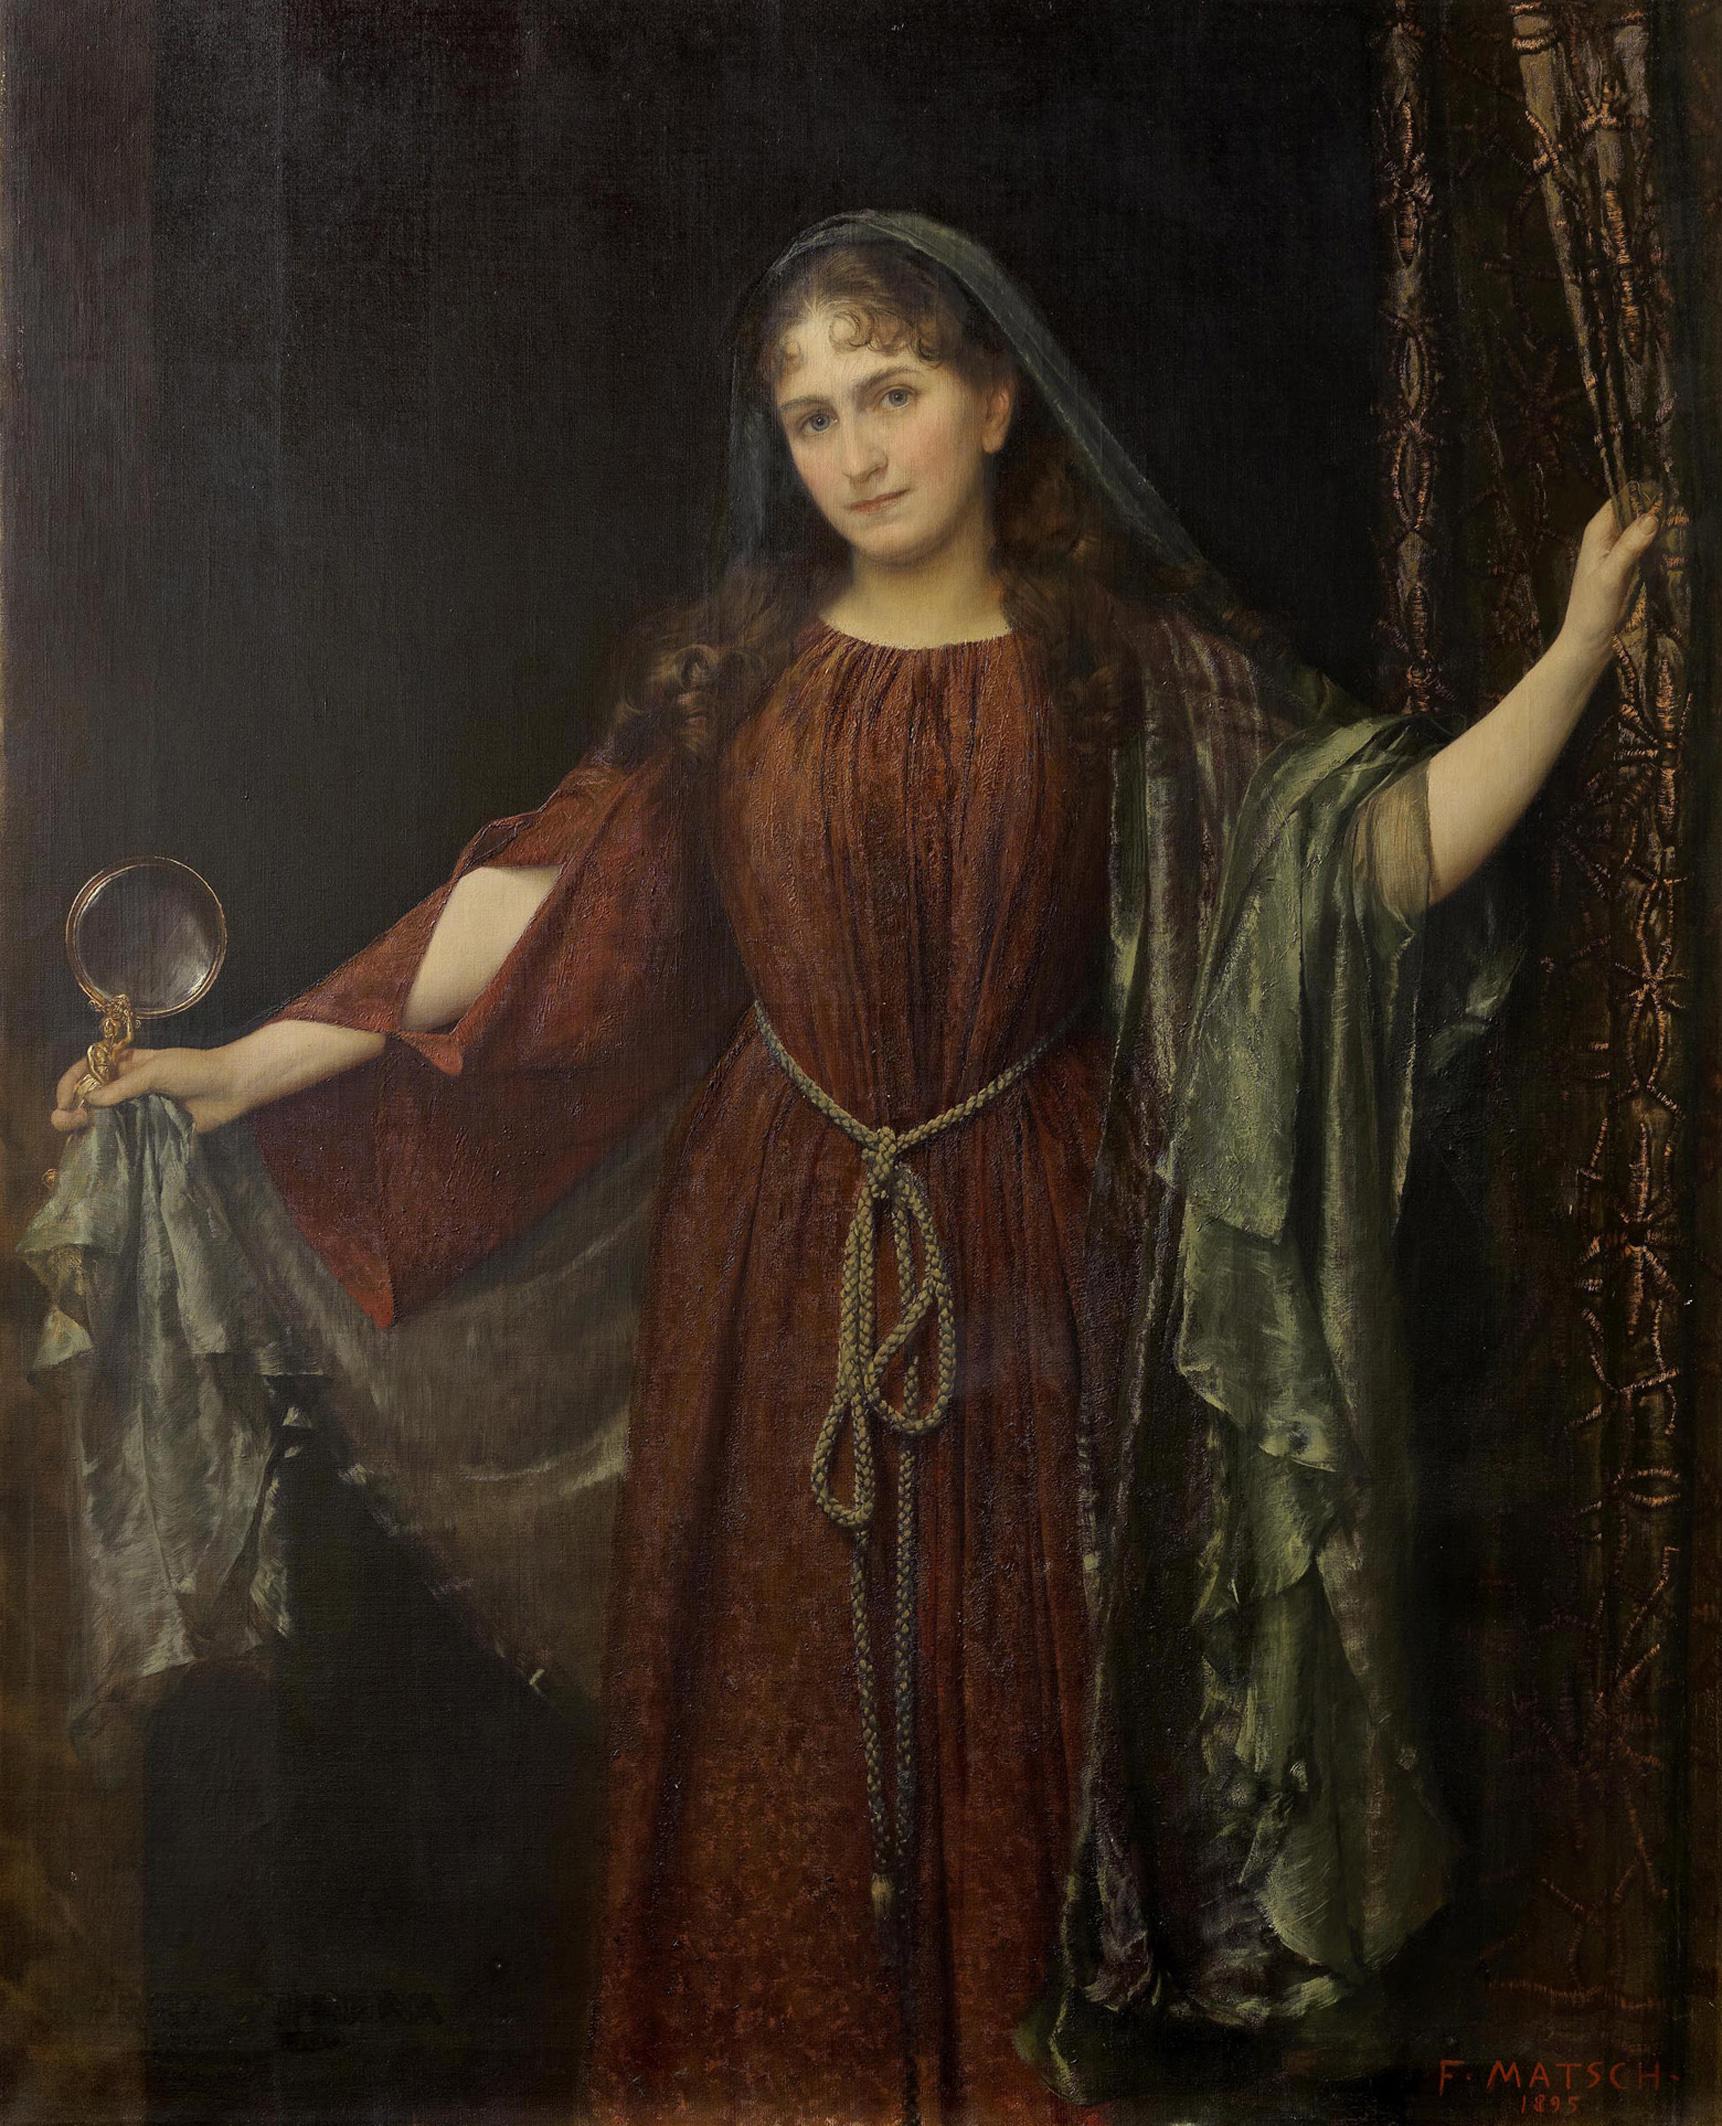 https://i0.wp.com/upload.wikimedia.org/wikipedia/commons/2/24/Franz_Matsch_Katharina_Schratt_als_Frau_Wahrheit_1895.jpg